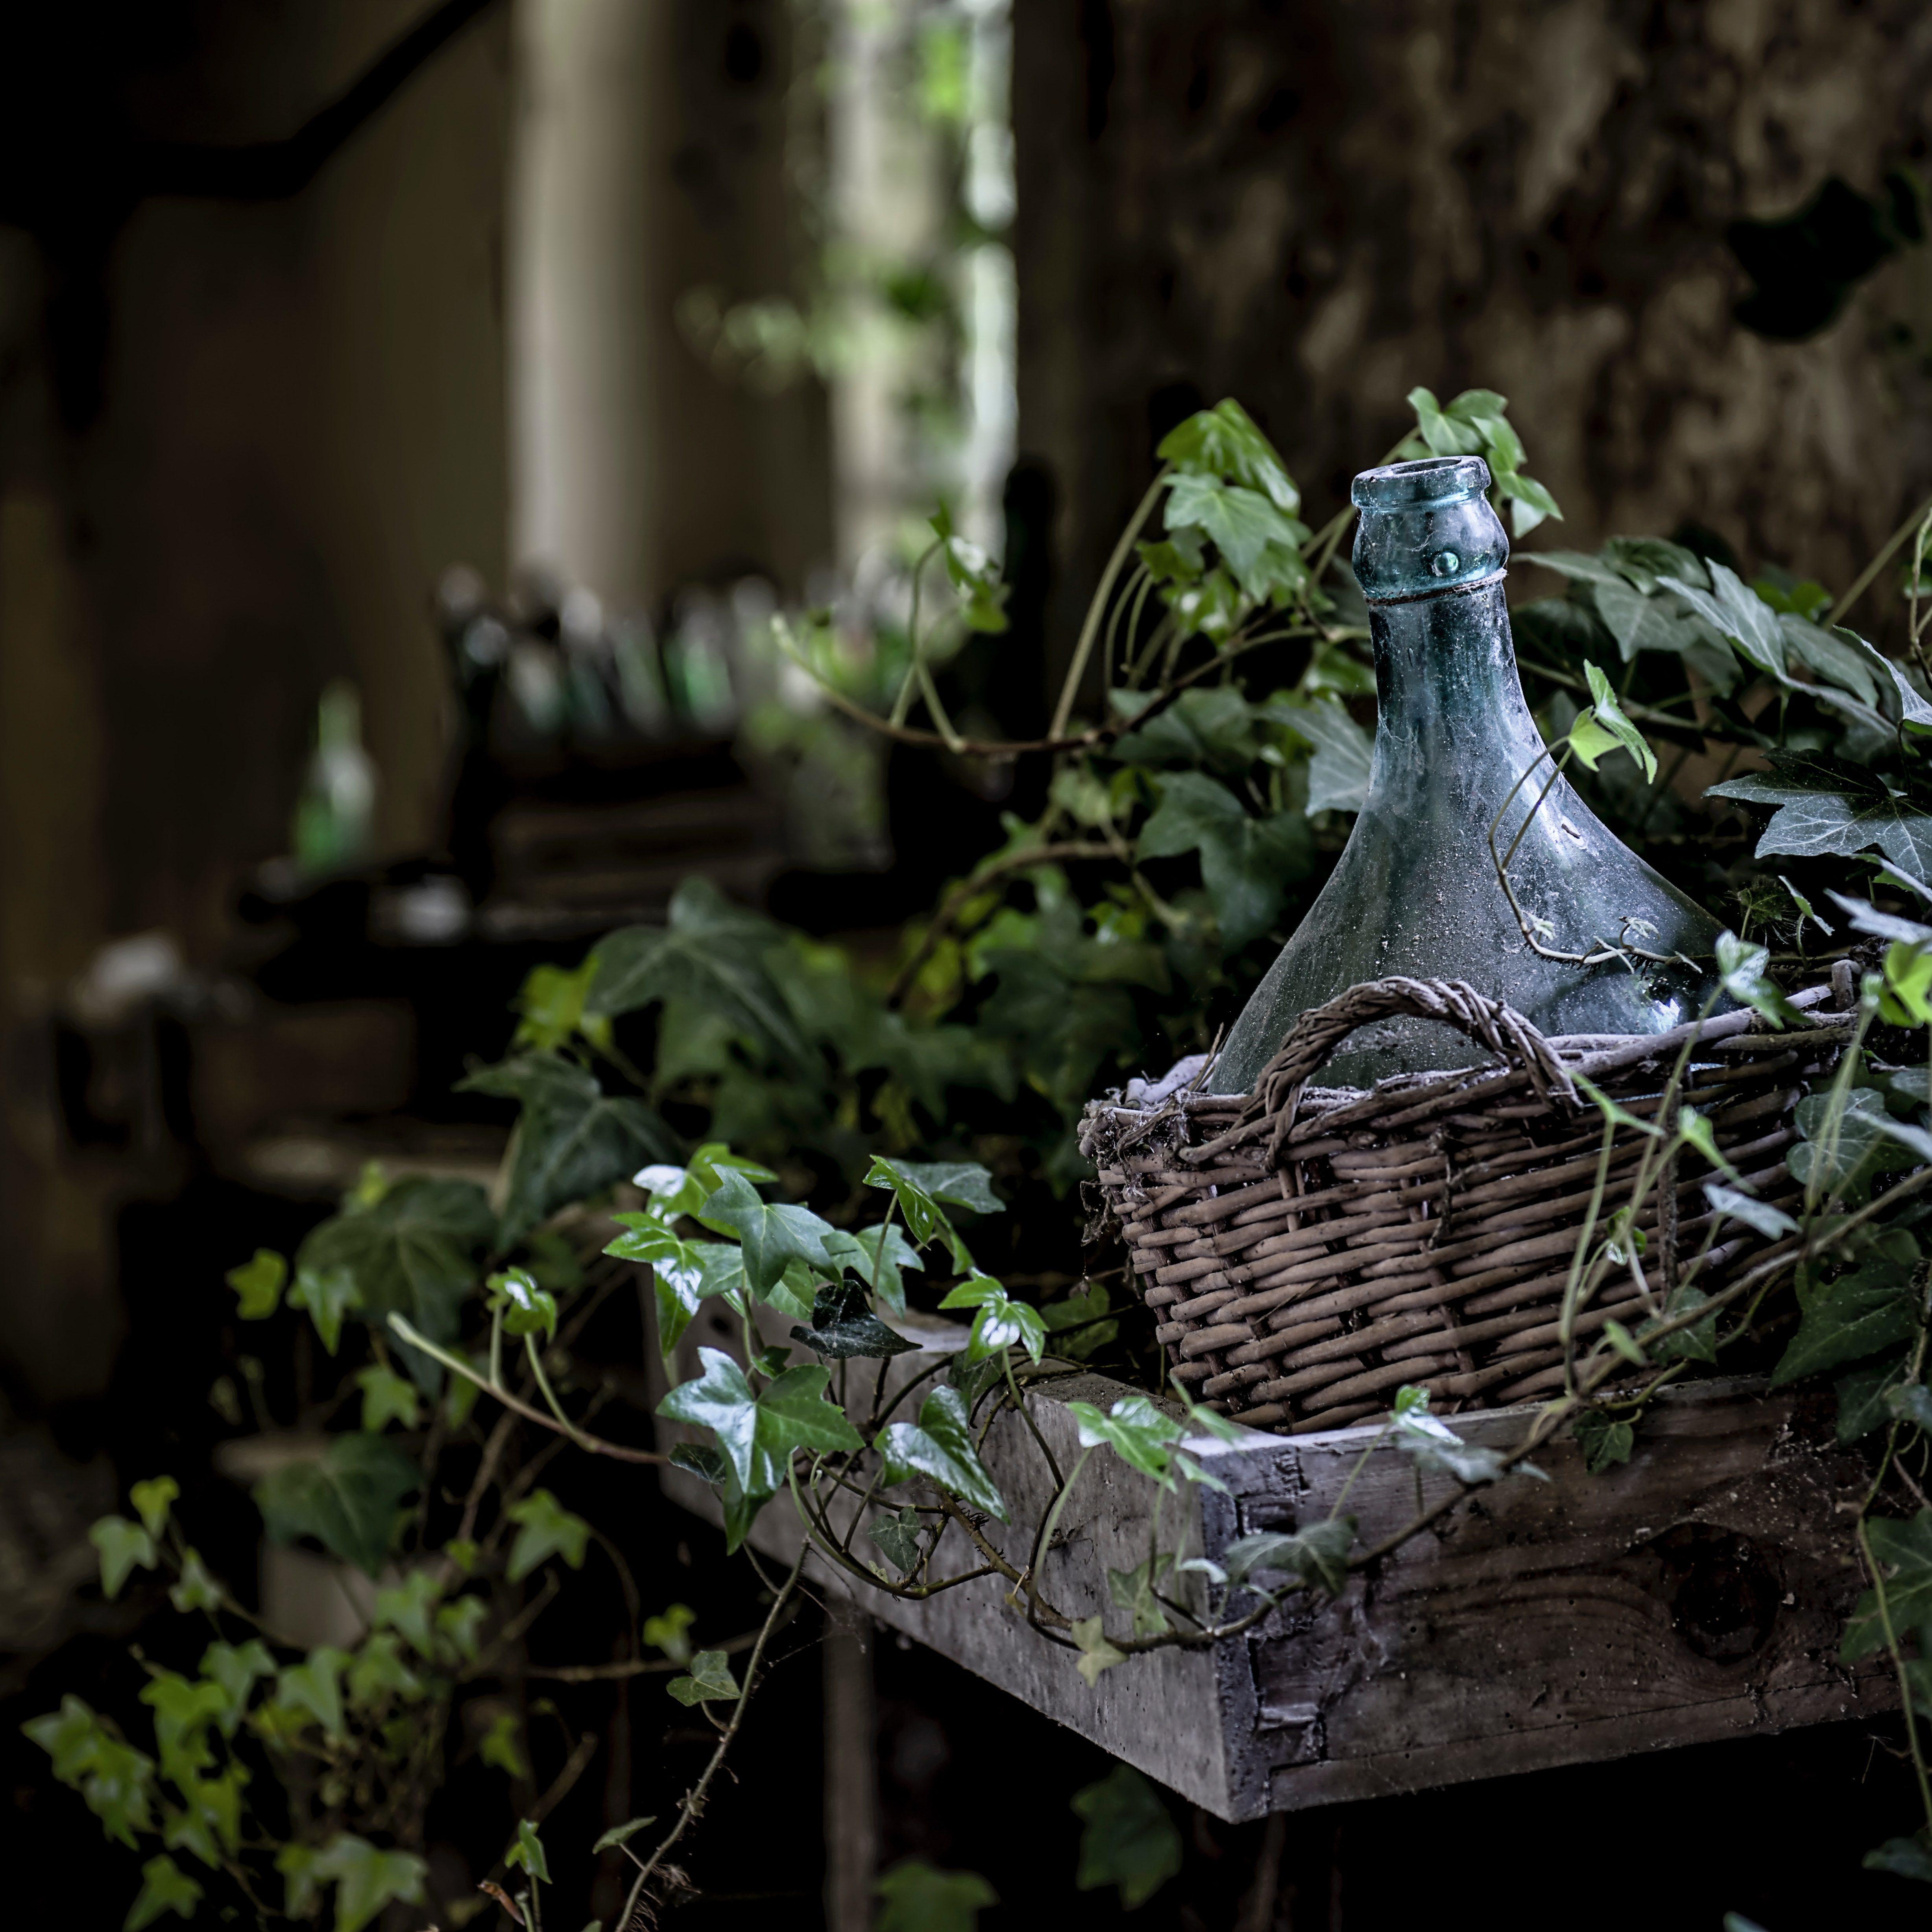 Weinflasche in Korb mit Blättern verziert in Italien